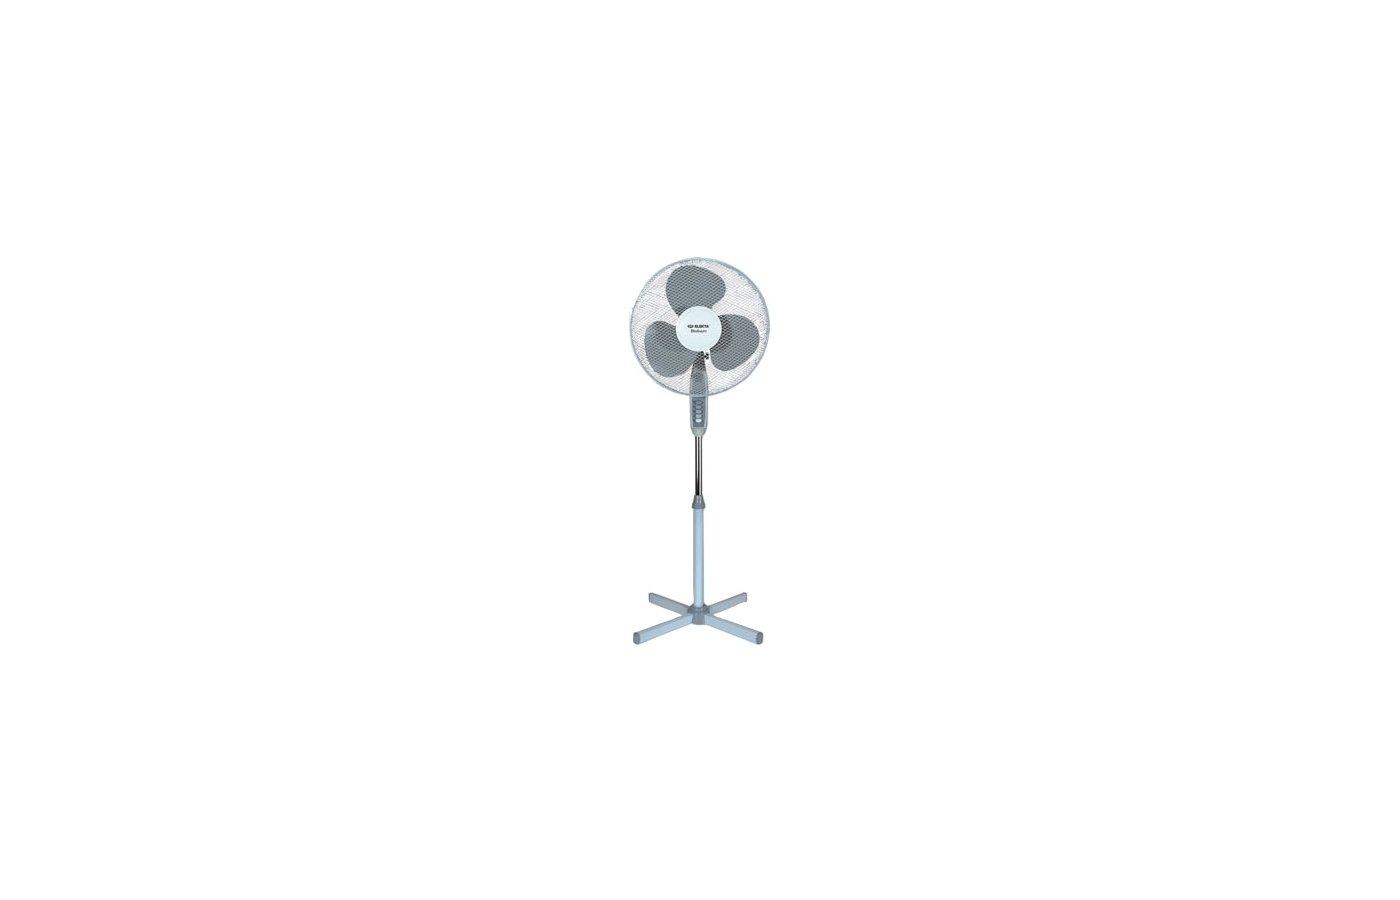 Вентилятор ELEKTA EFN S 1680